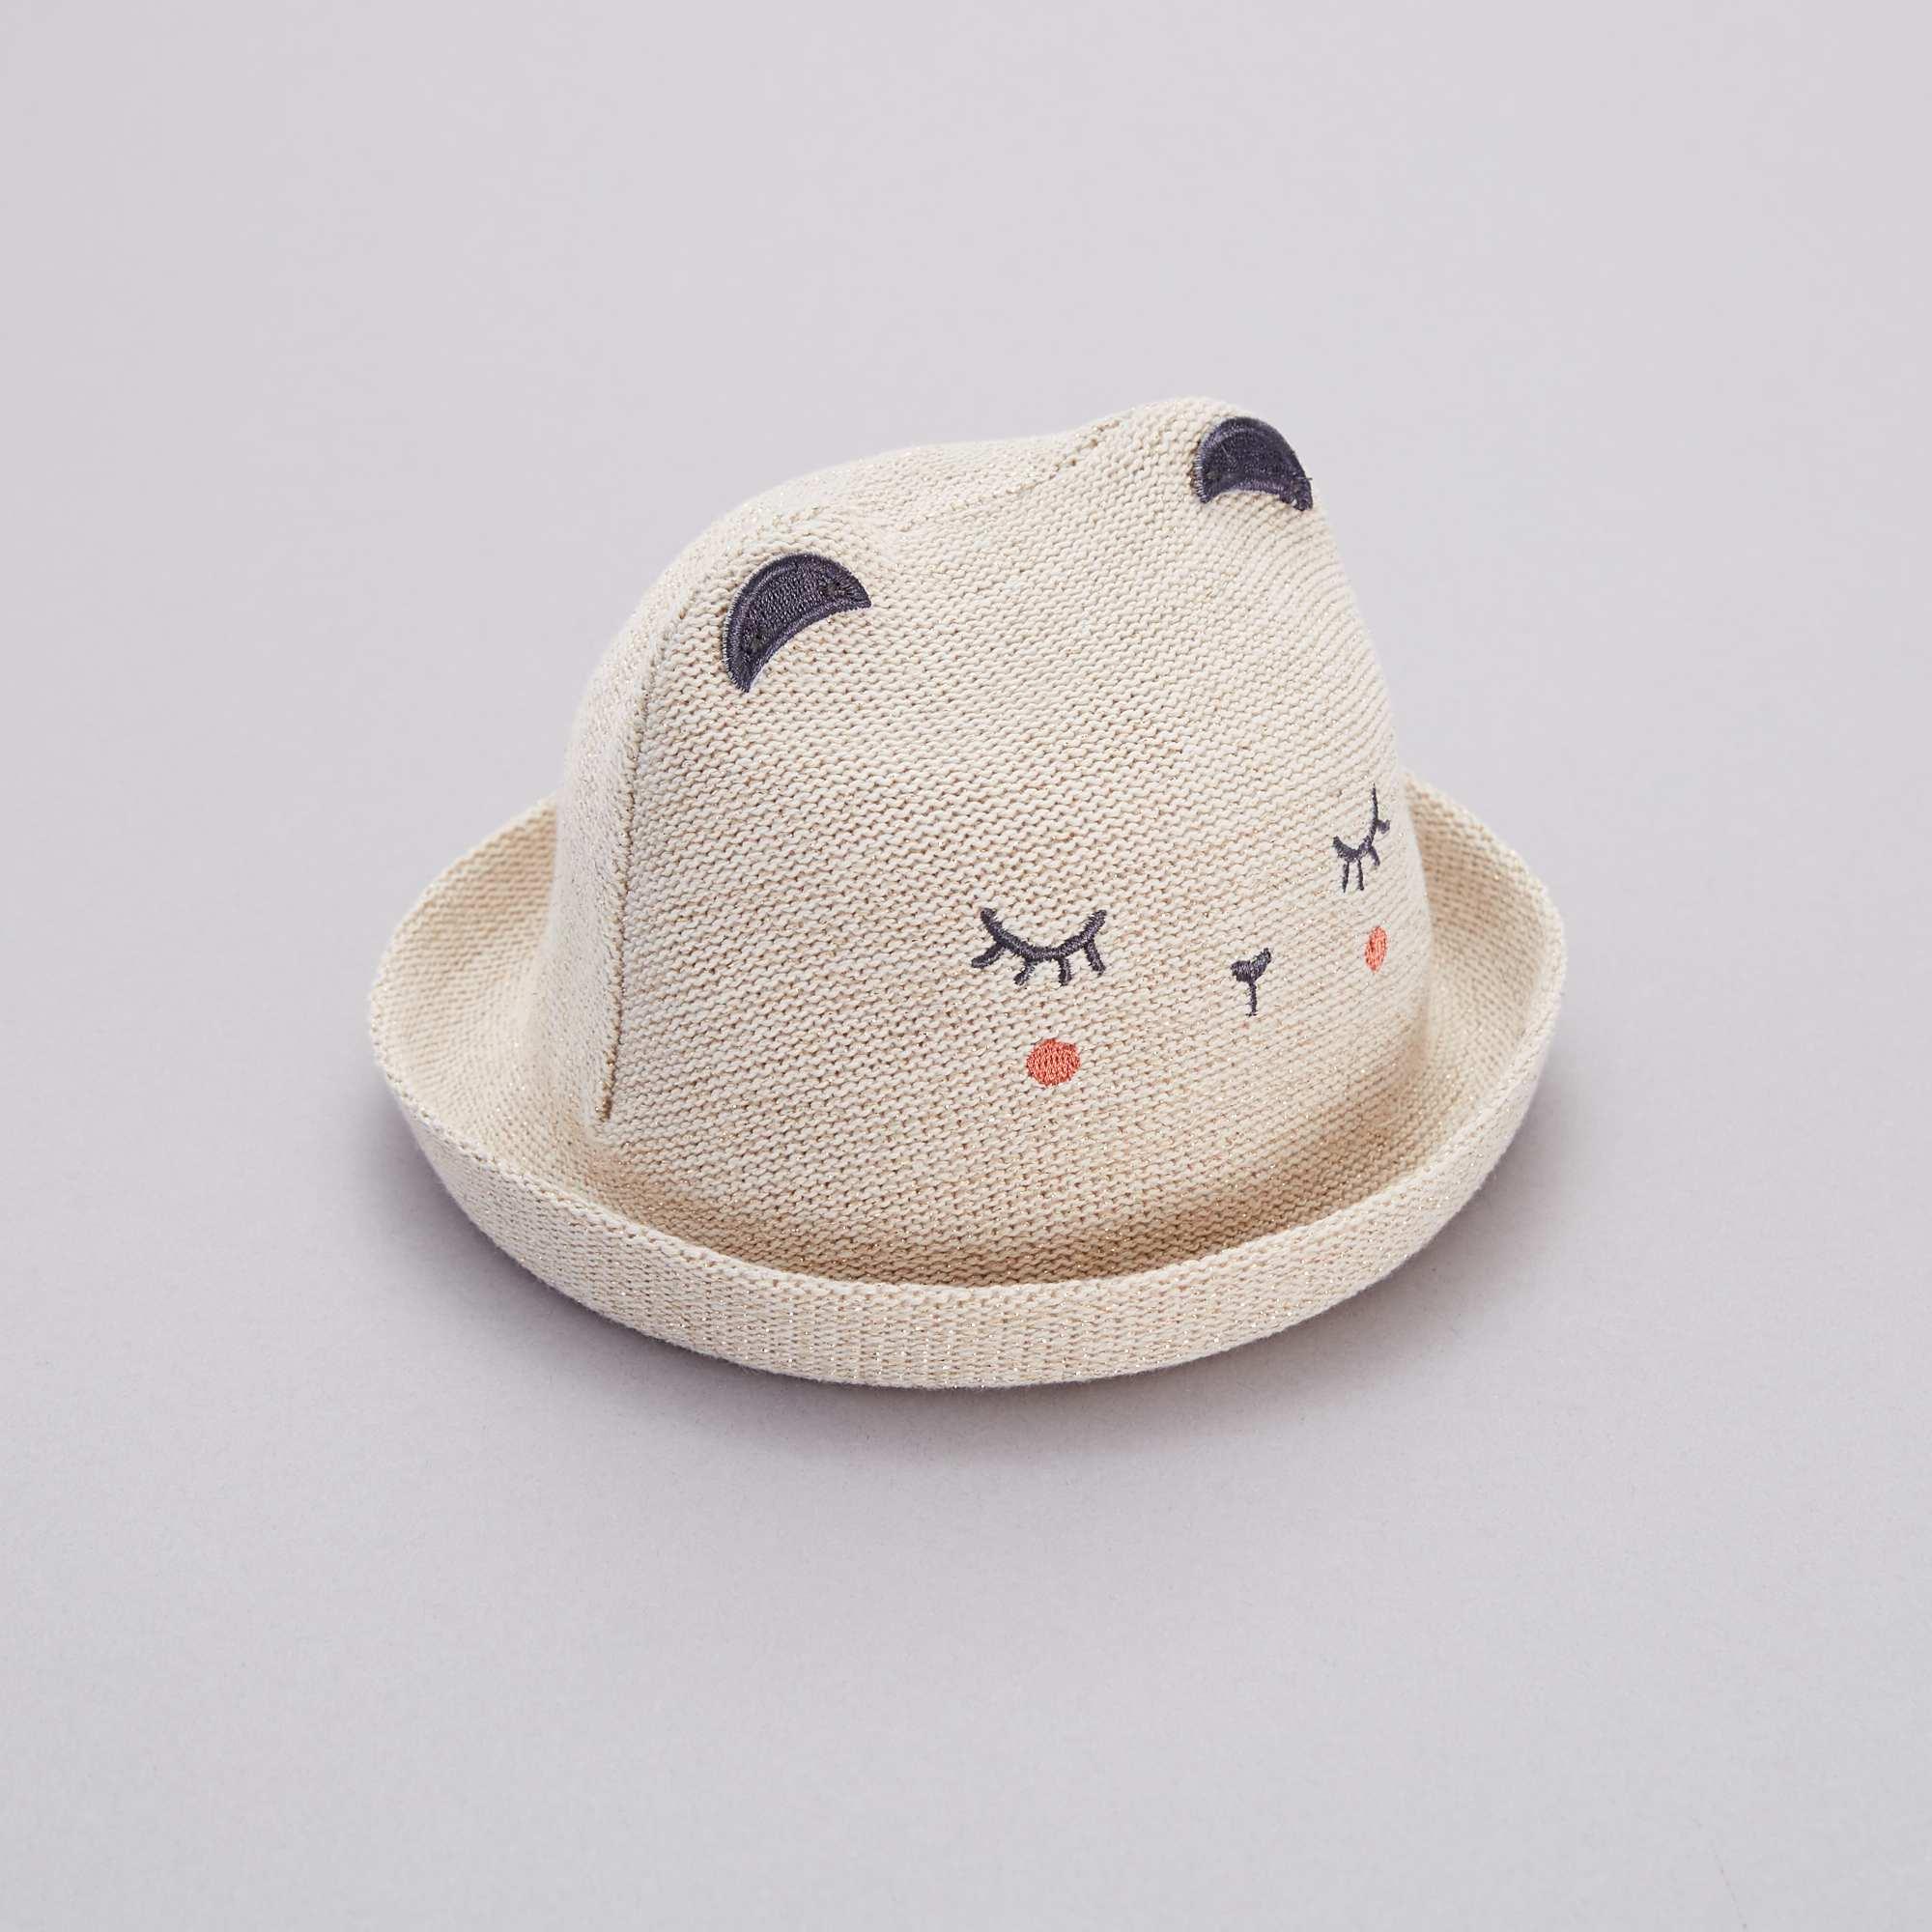 a1839e4cd3cf0 Sombrero tipo paja flexible Bebé niña - BEIGE - Kiabi - 7